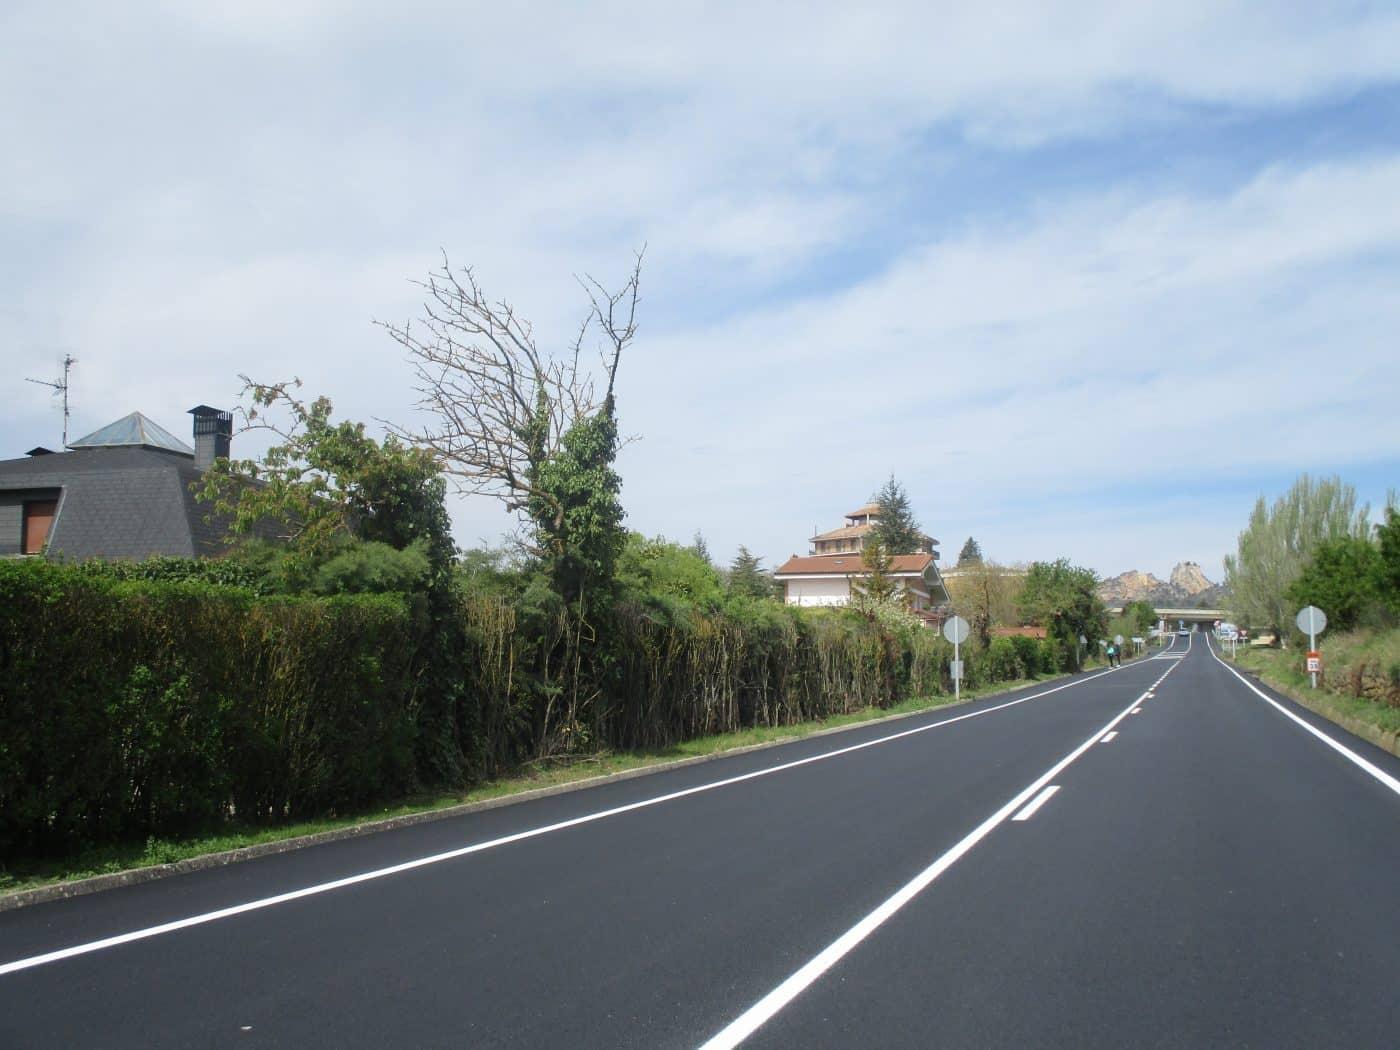 Finalizan las obras de refuerzo de firme de la carretera LR-124 en Briñas 1